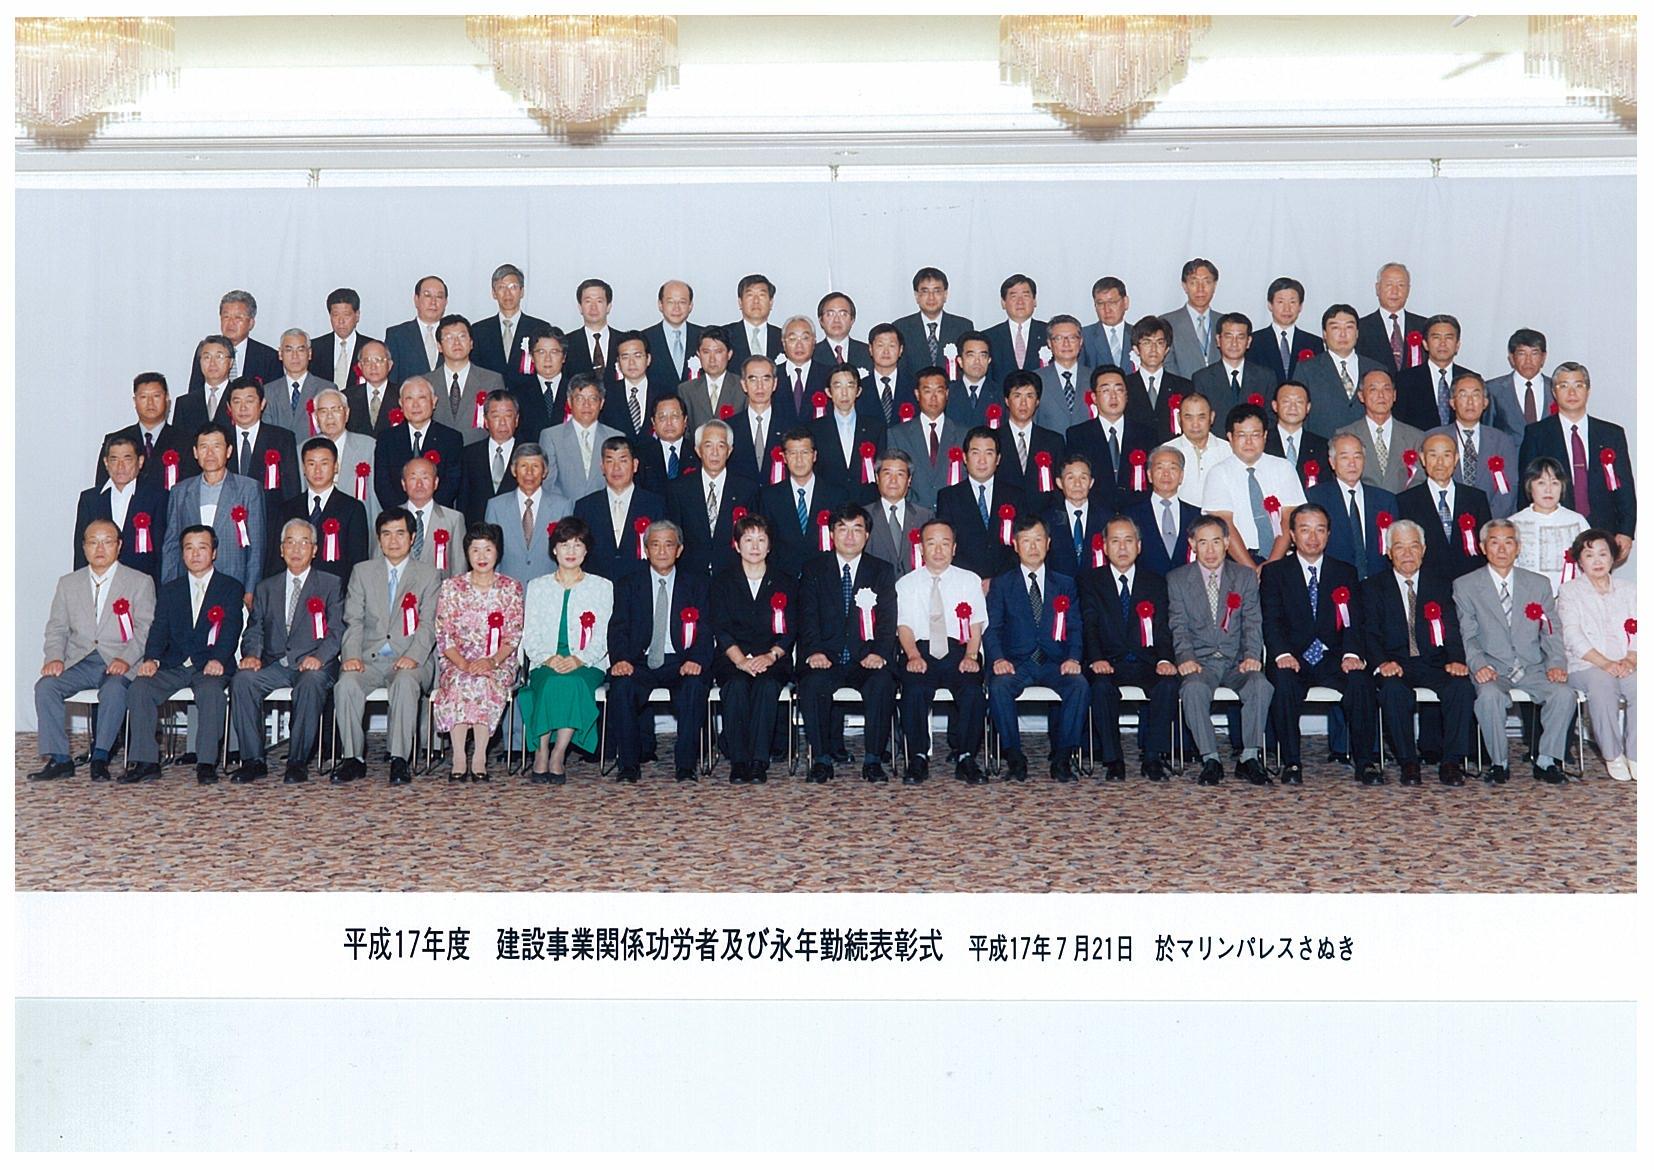 20050721-2.jpg